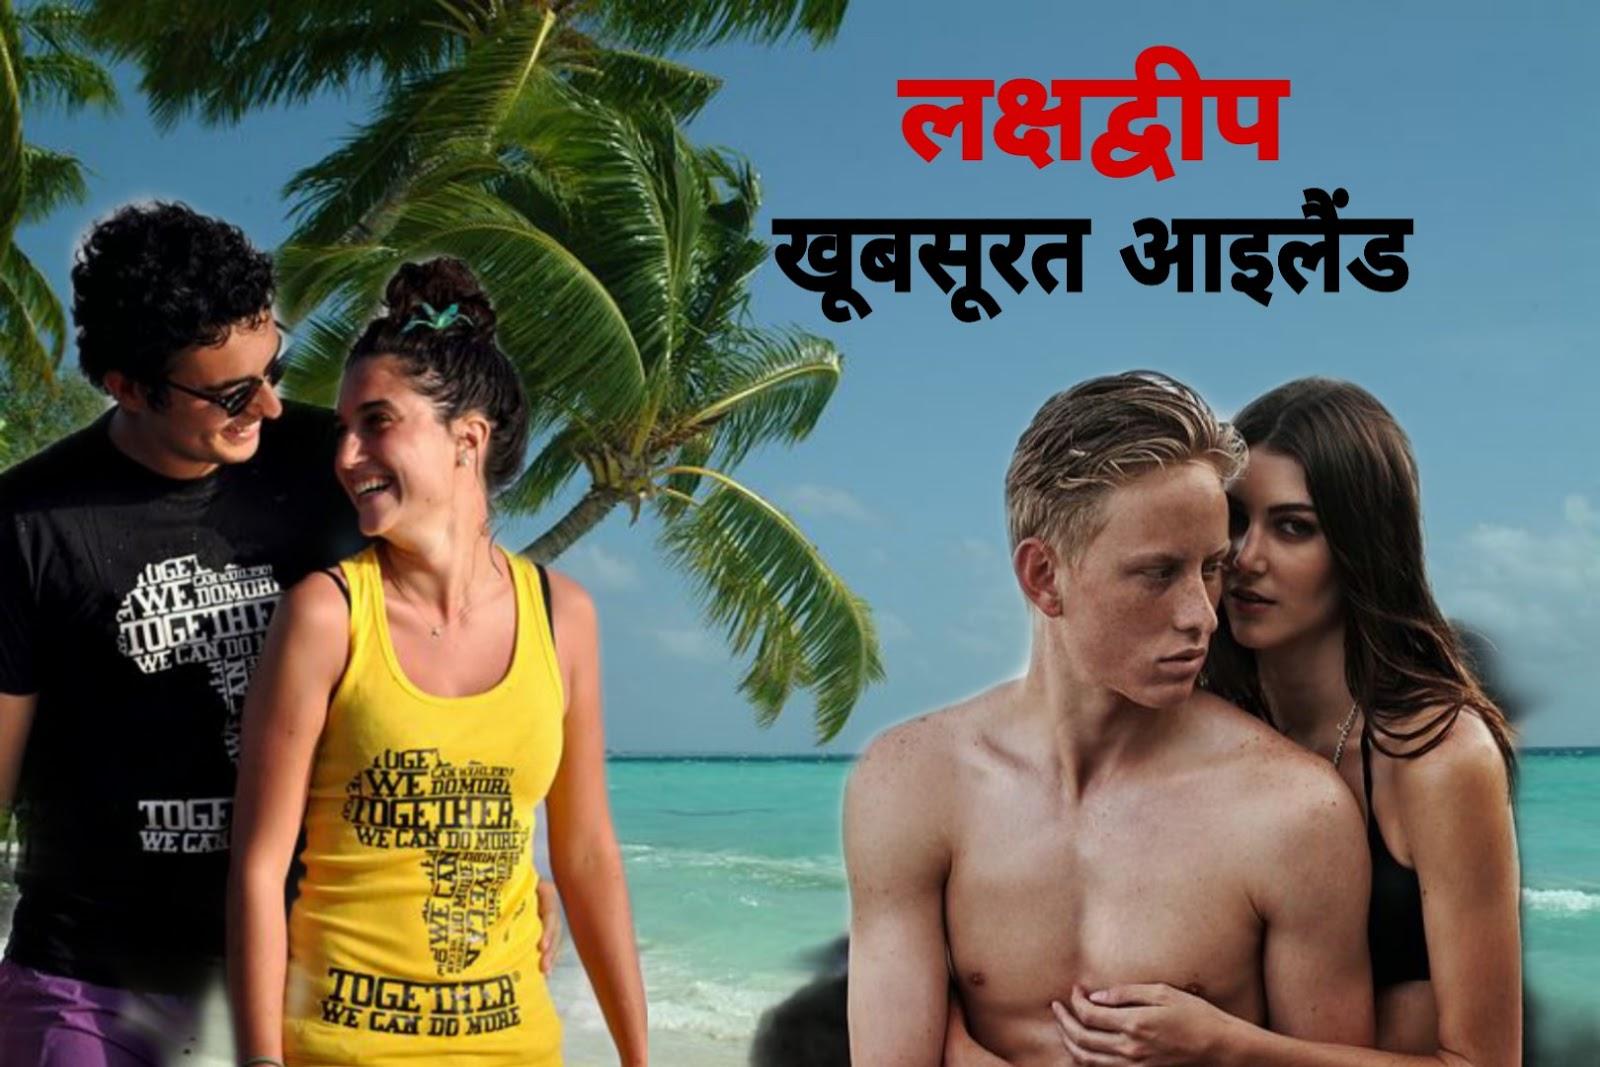 लक्षद्वीप के बारे में रोचक तथ्य और जानकारी | Amazing facts about Lakshadweep in Hindi